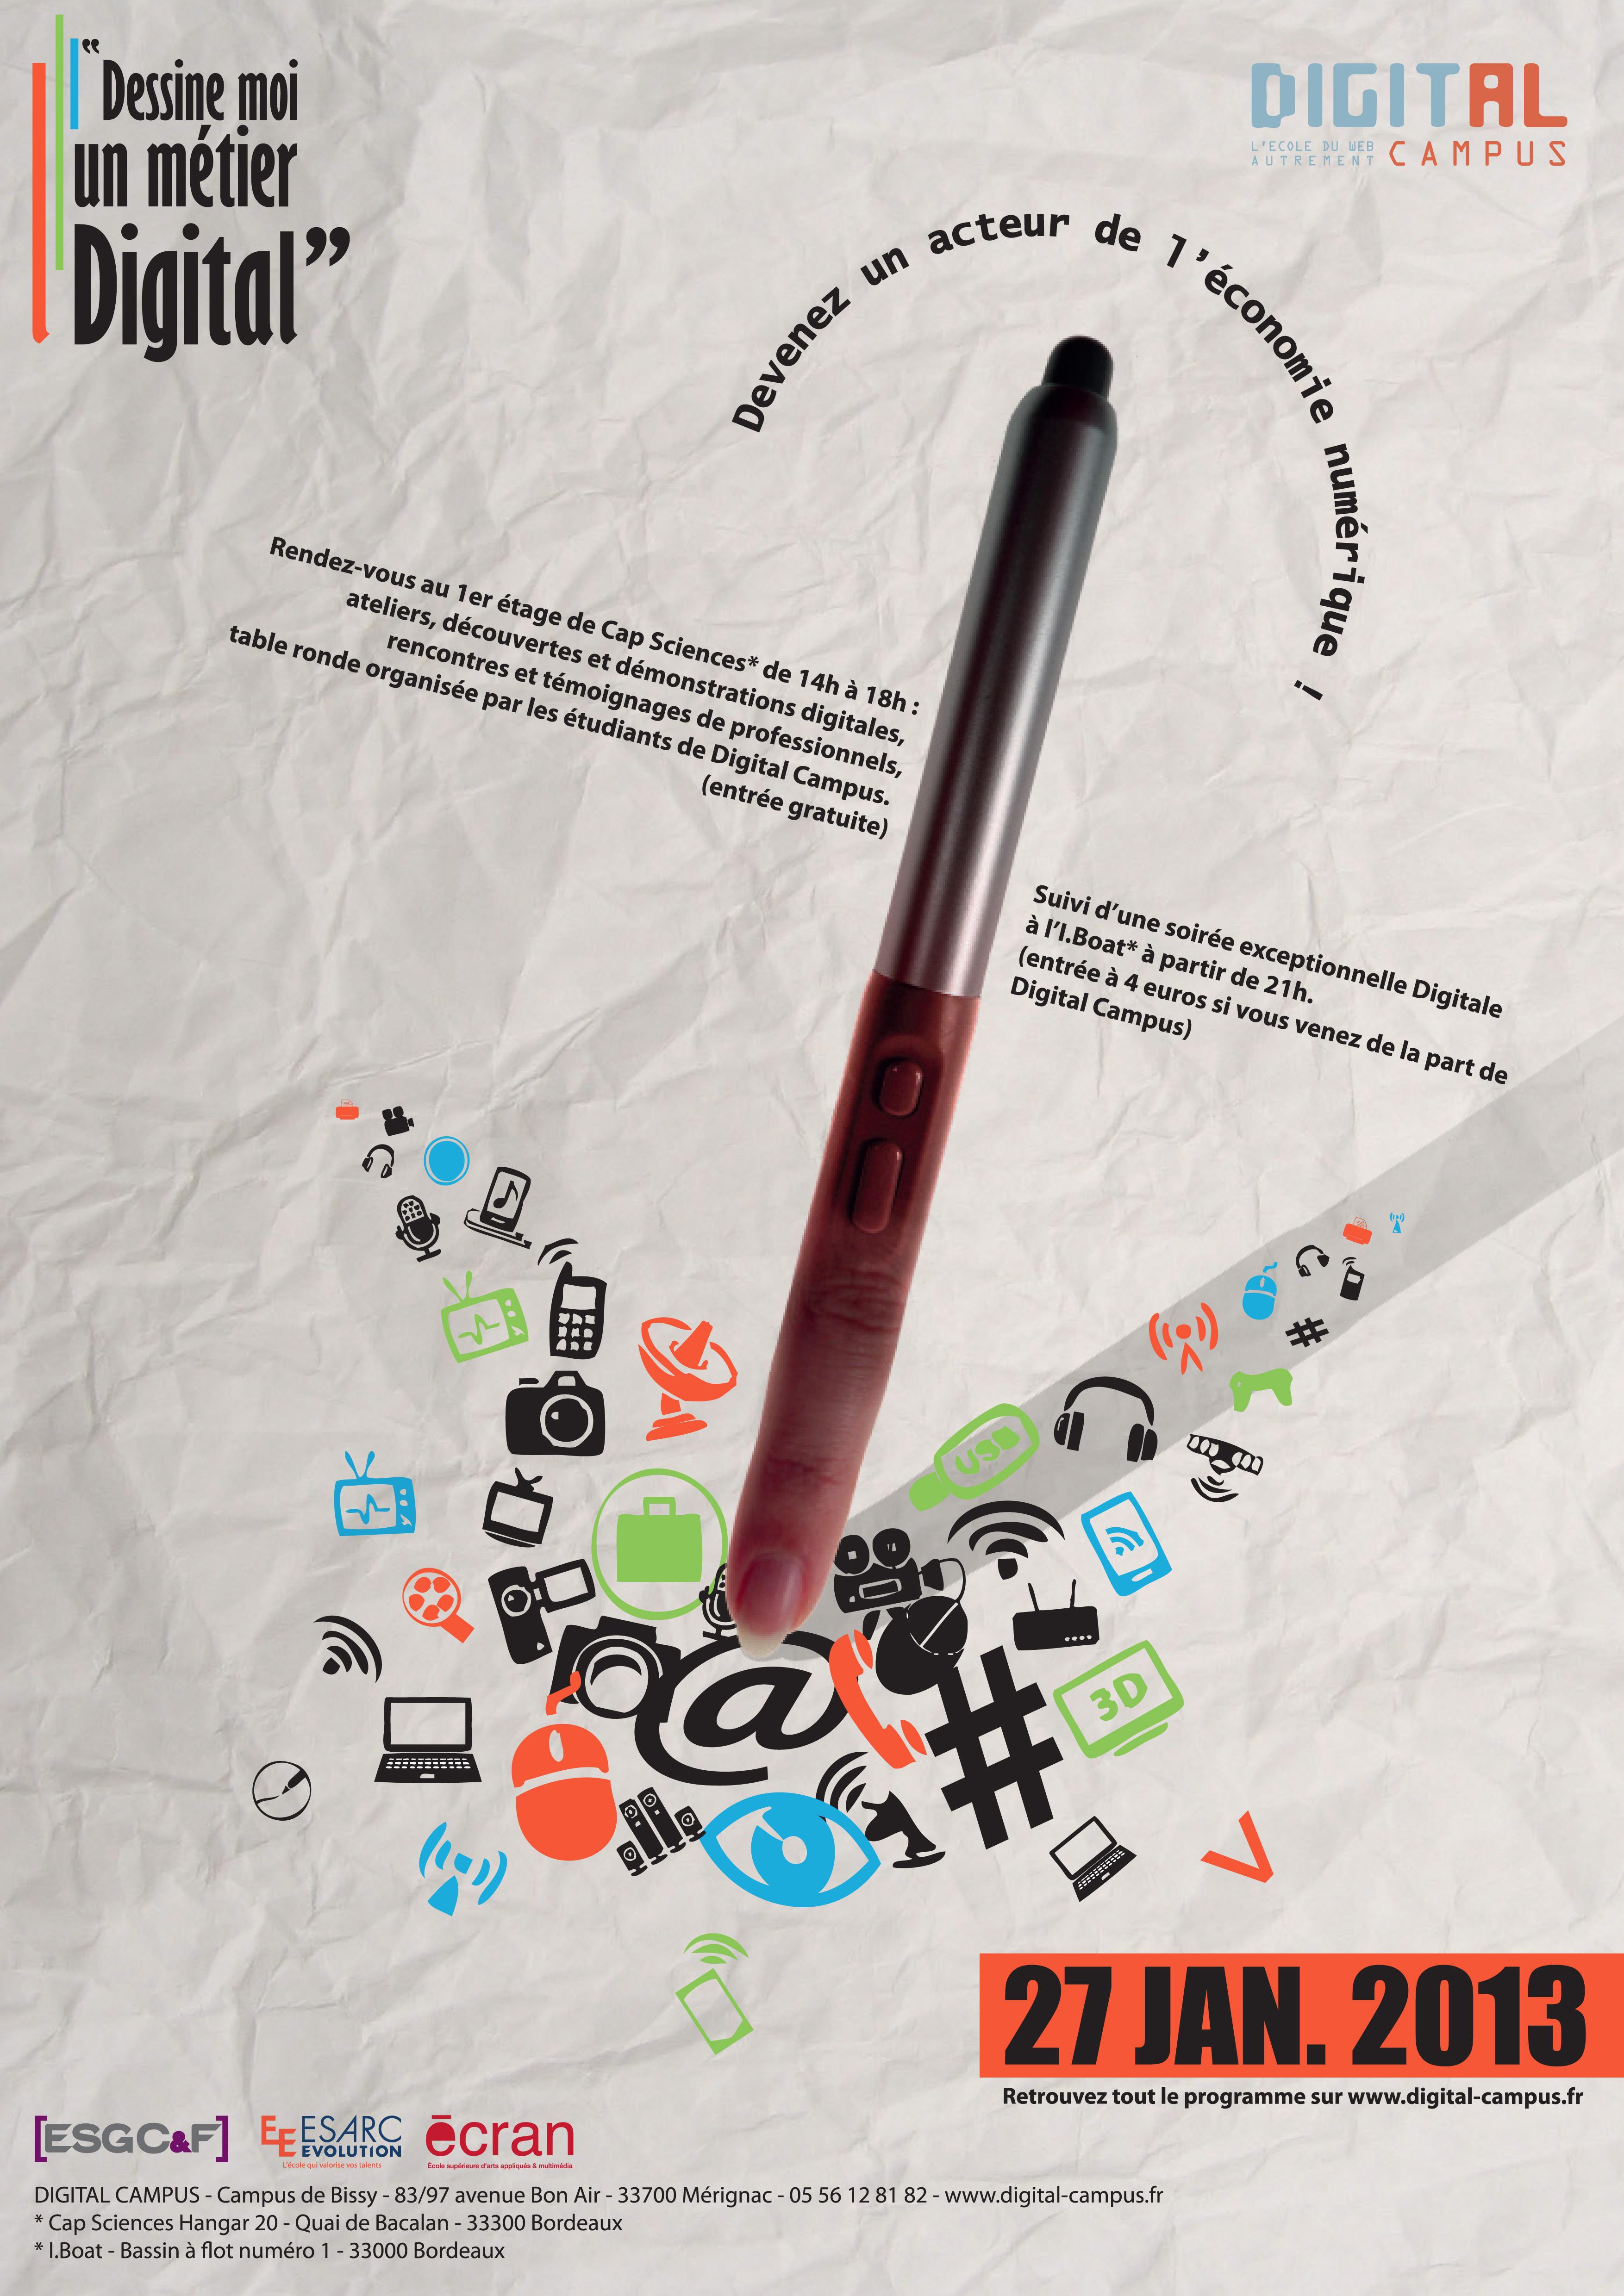 Affiche sélectionné pour la promotion de Dessine moi un métier Digital